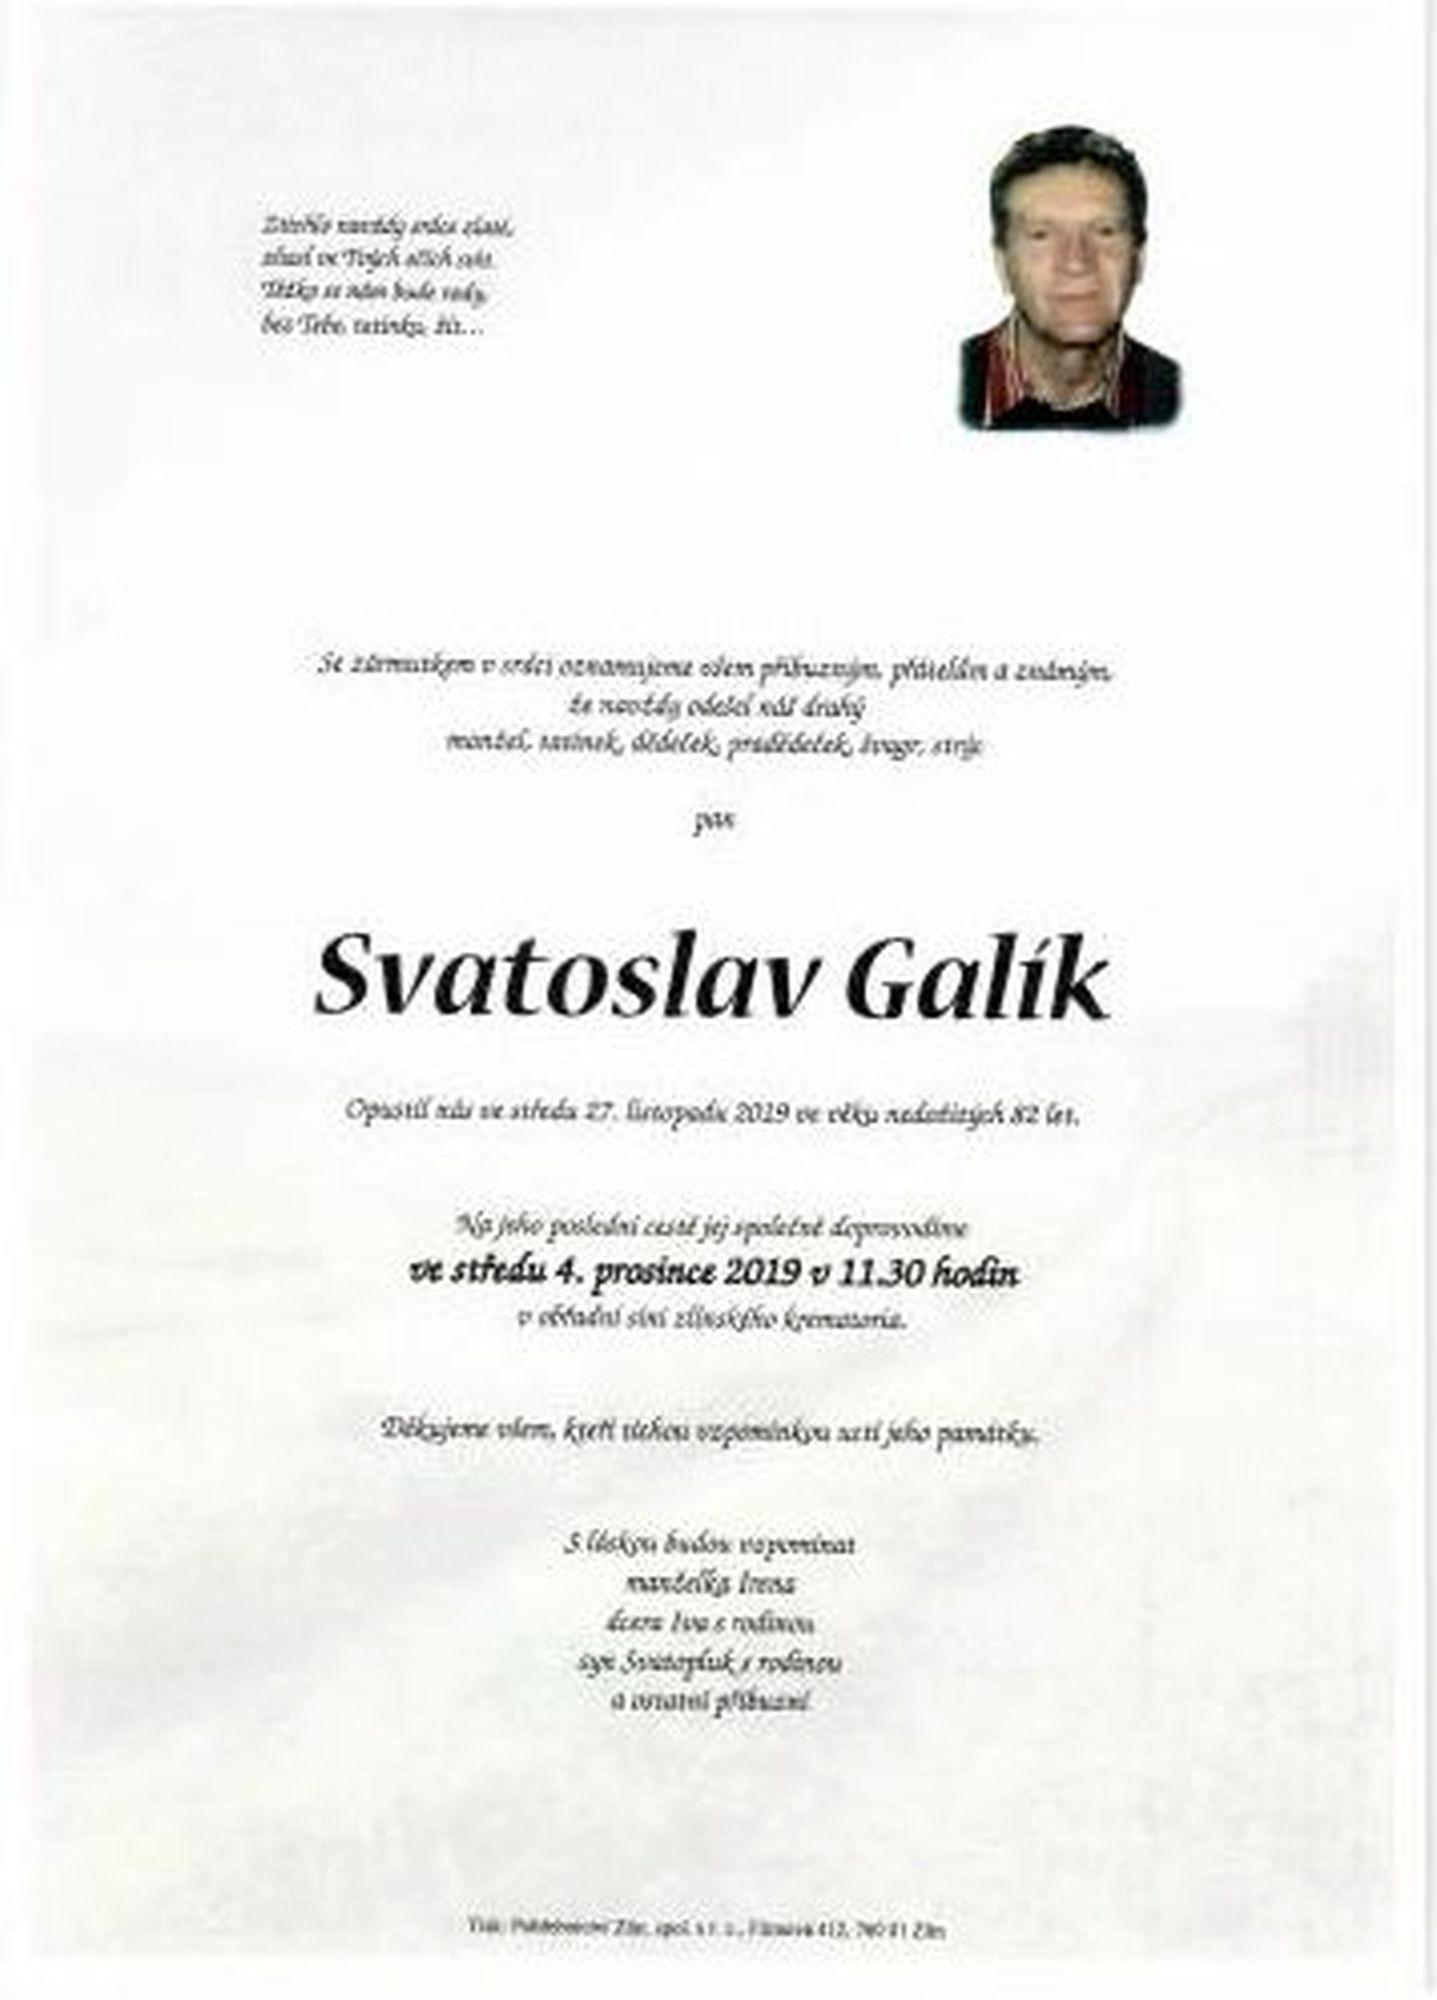 Svatoslav Galík